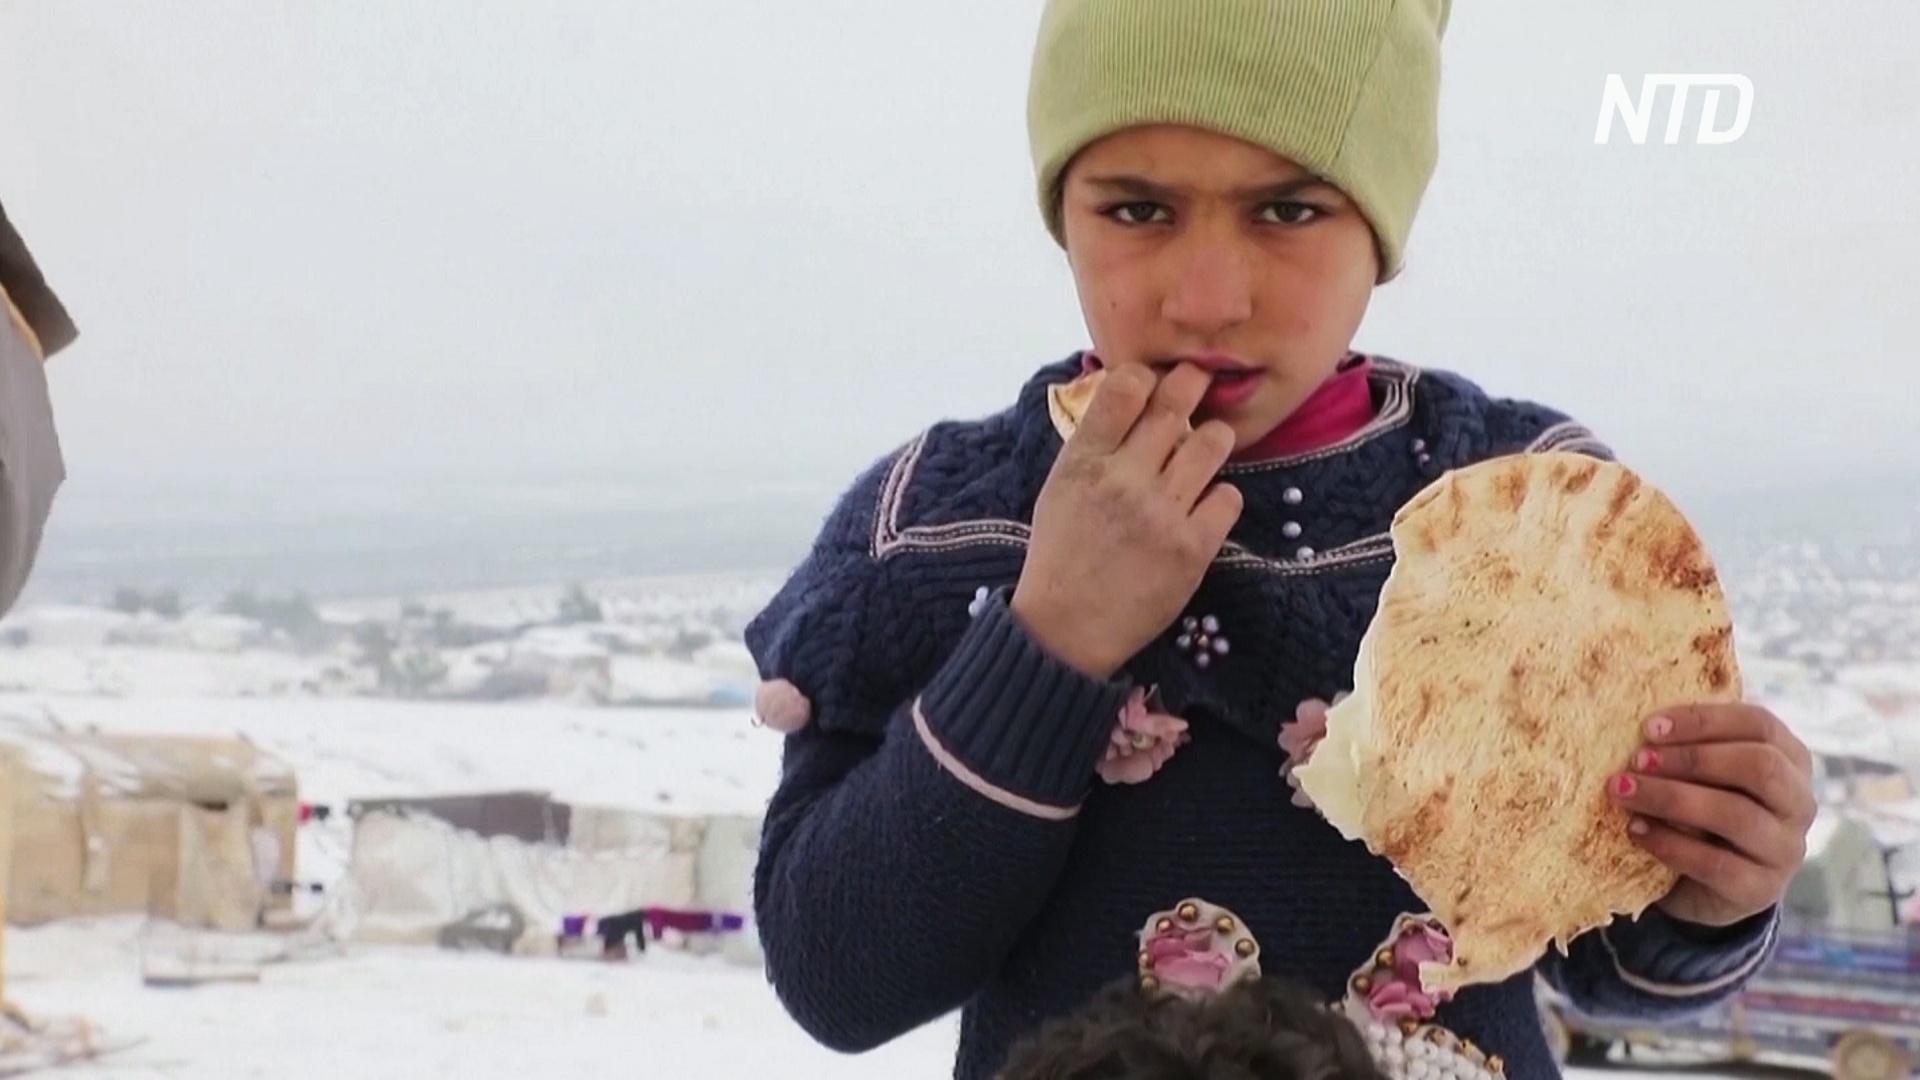 ООН: зимние холода угрожают сирийским переселенцам гуманитарной катастрофой